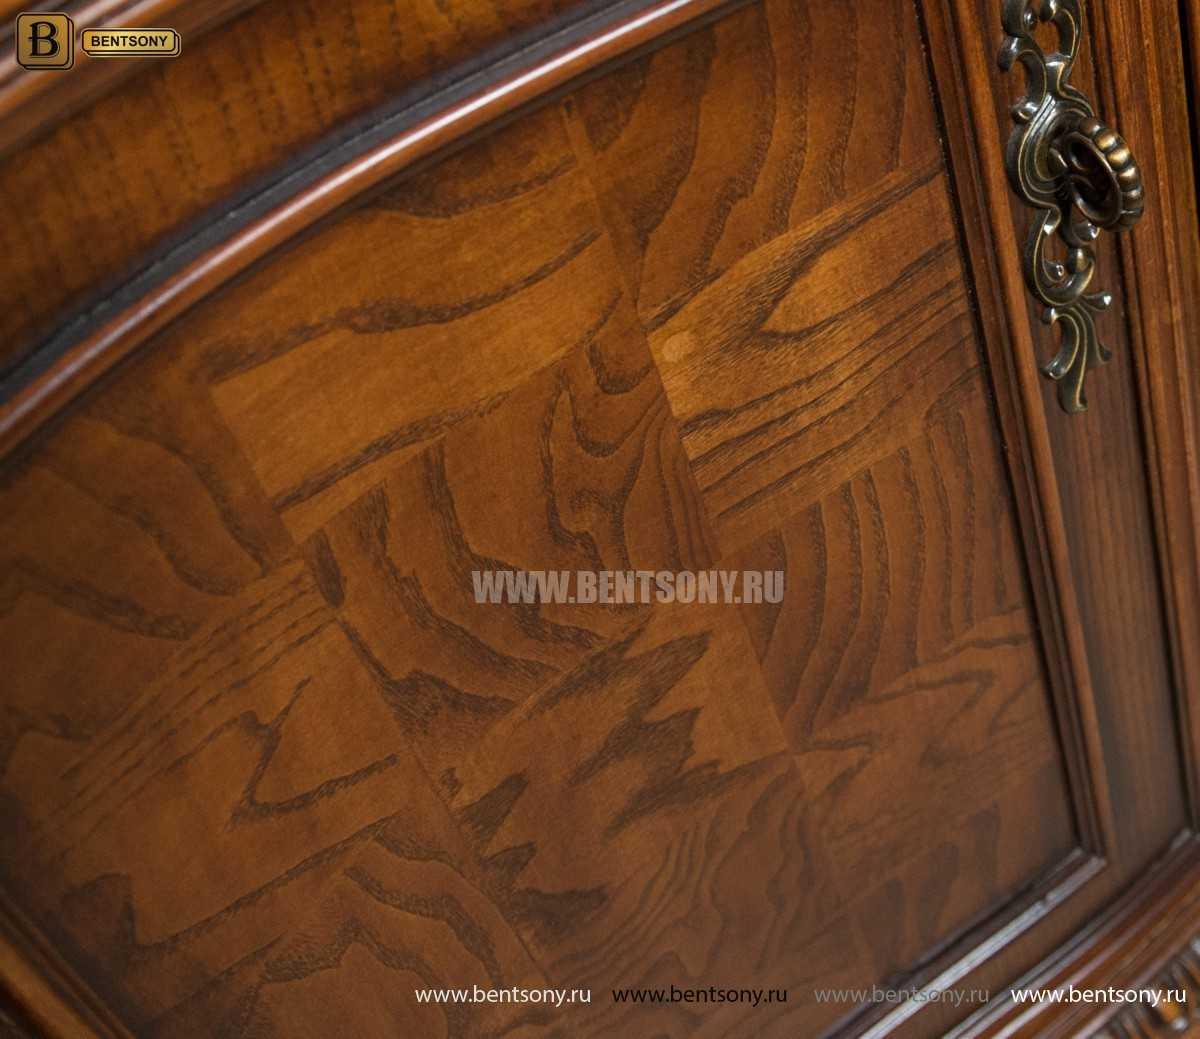 Комод Монтана (Классика, массив дерева) купить в Москве